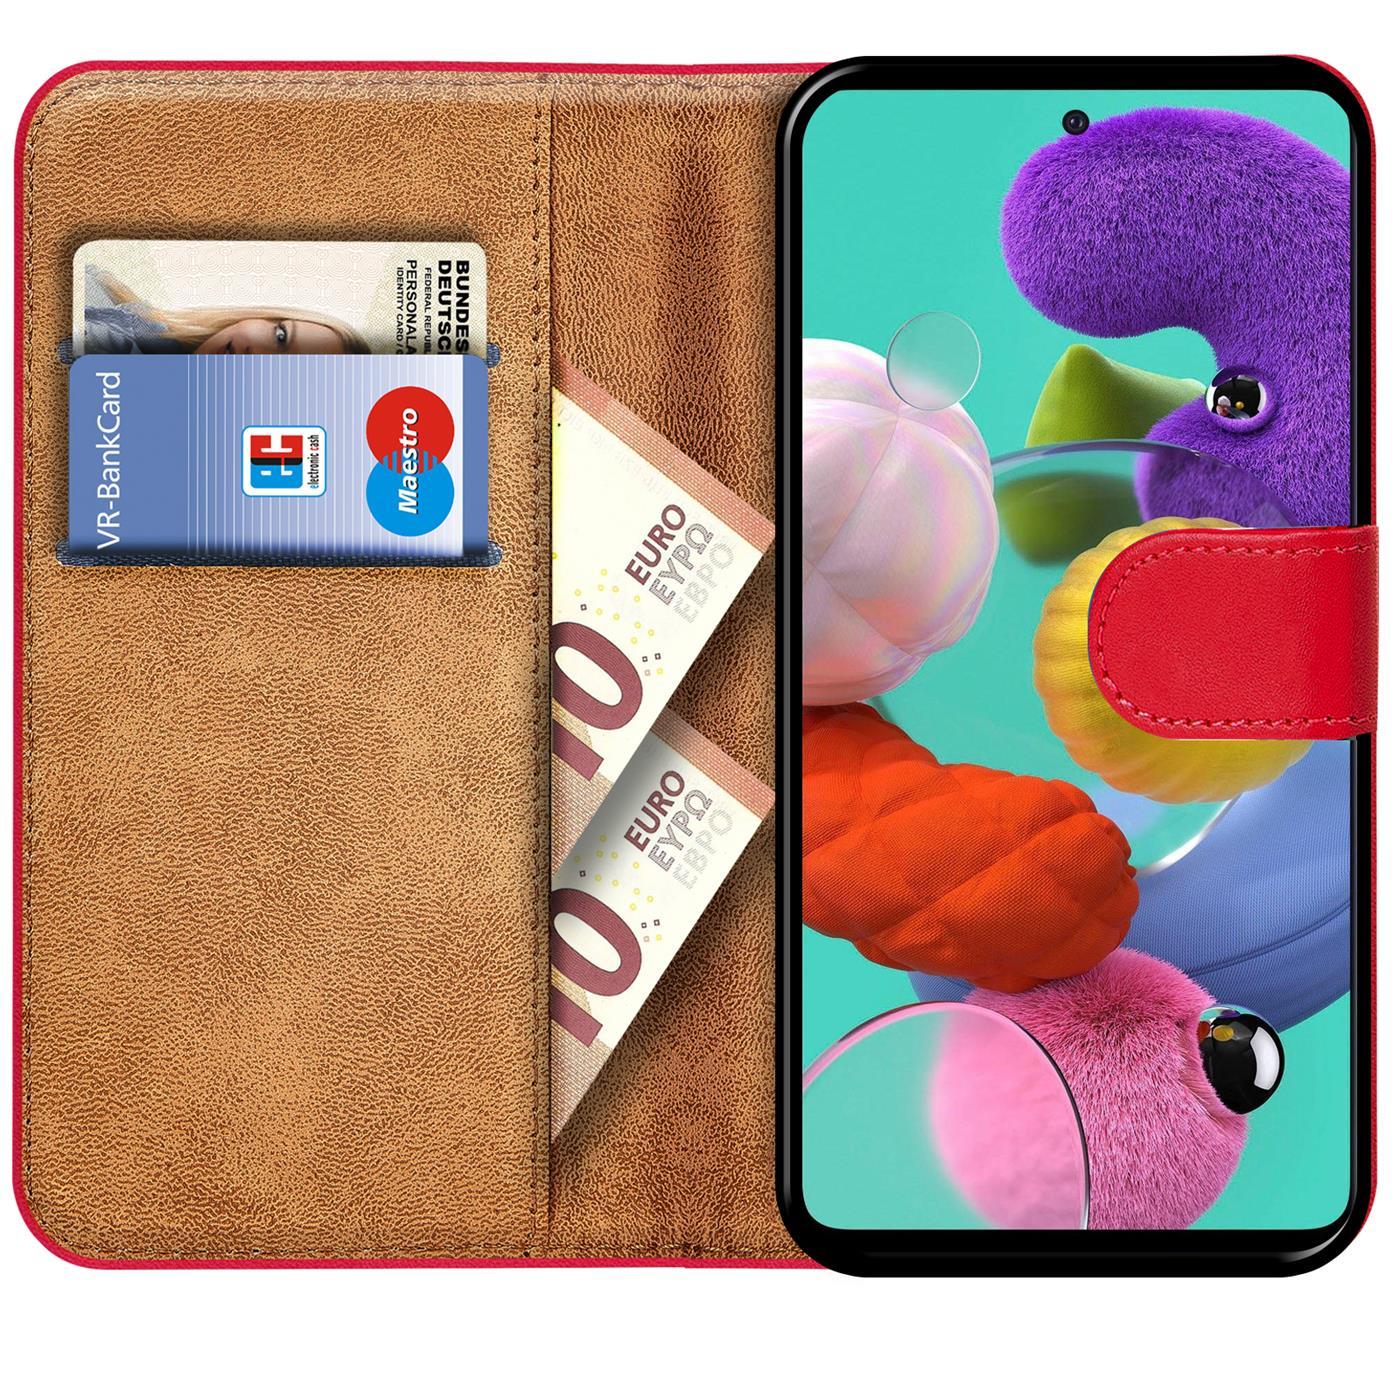 Book-Case-fuer-Samsung-Galaxy-A51-Huelle-Tasche-Flip-Cover-Handy-Schutz-Huelle Indexbild 21